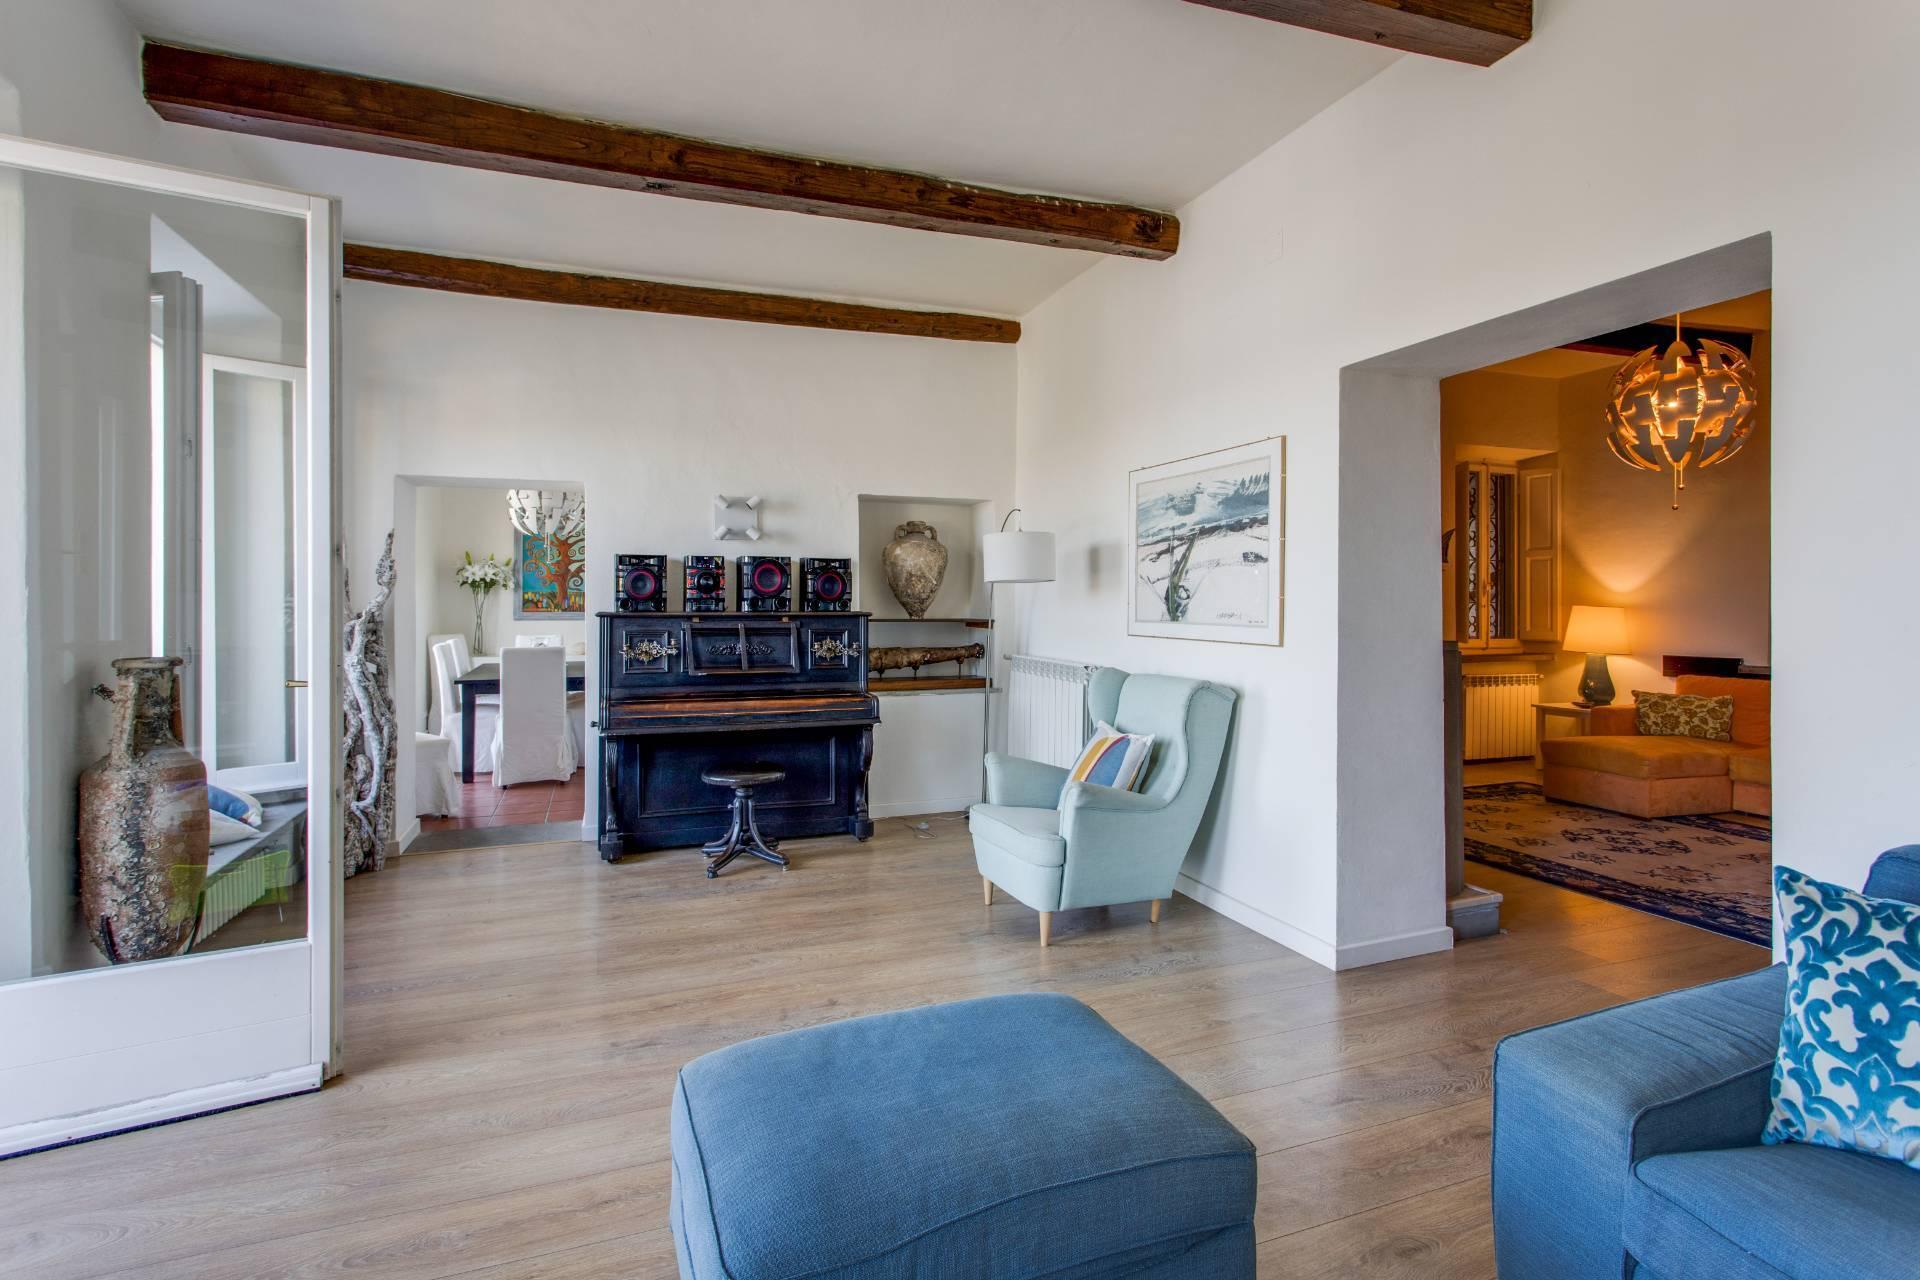 Casa indipendente in Vendita a Monte Argentario: 5 locali, 300 mq - Foto 16